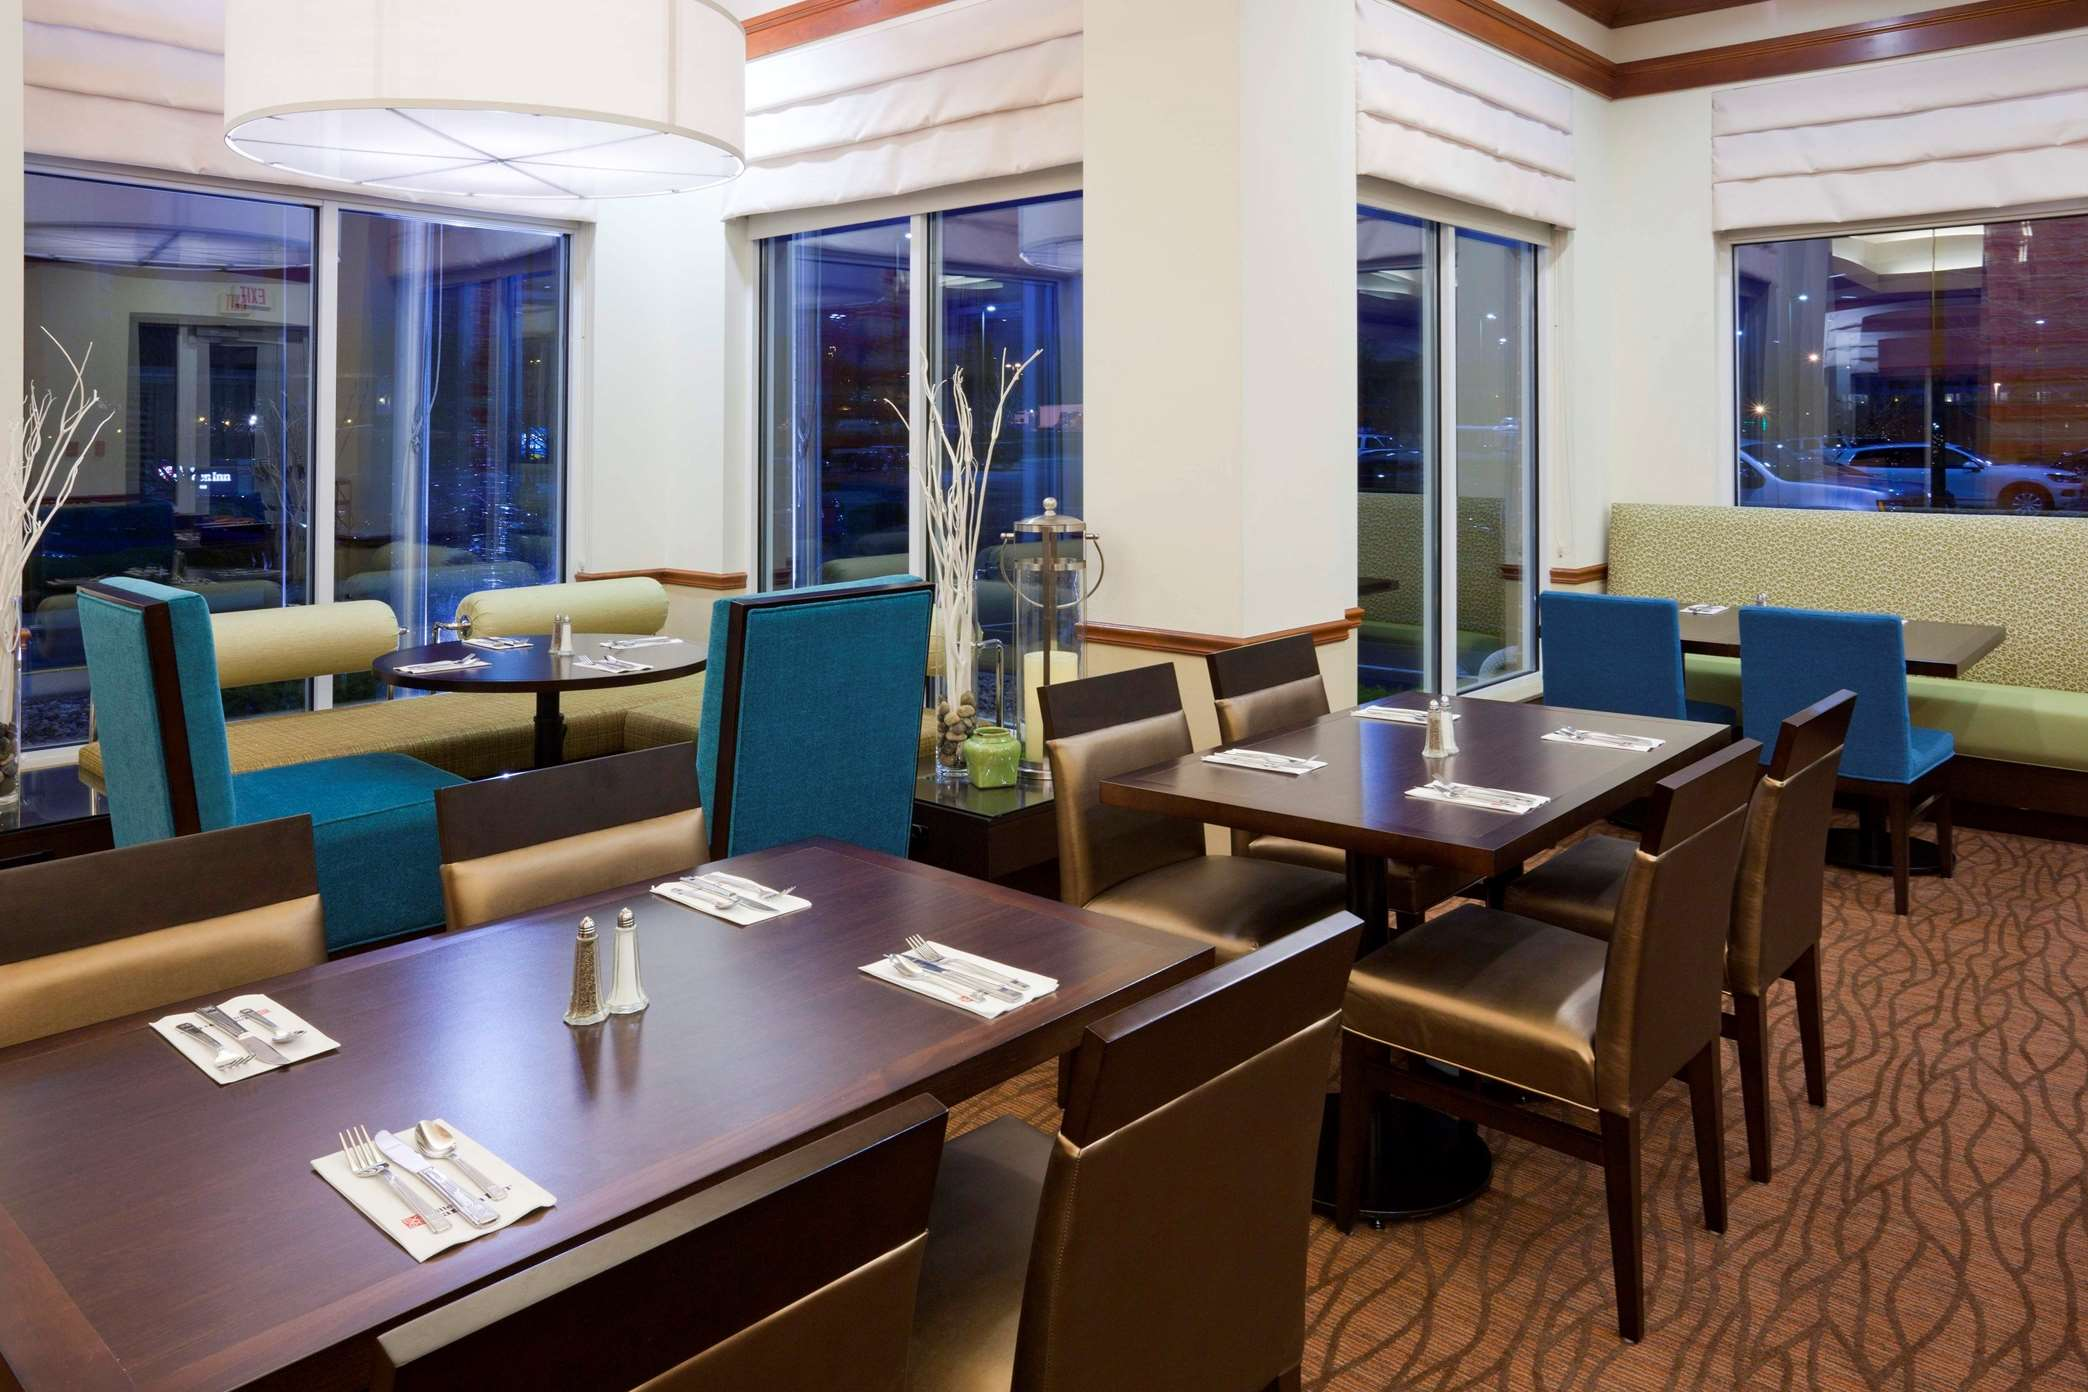 Hilton Garden Inn Minneapolis/Bloomington image 12